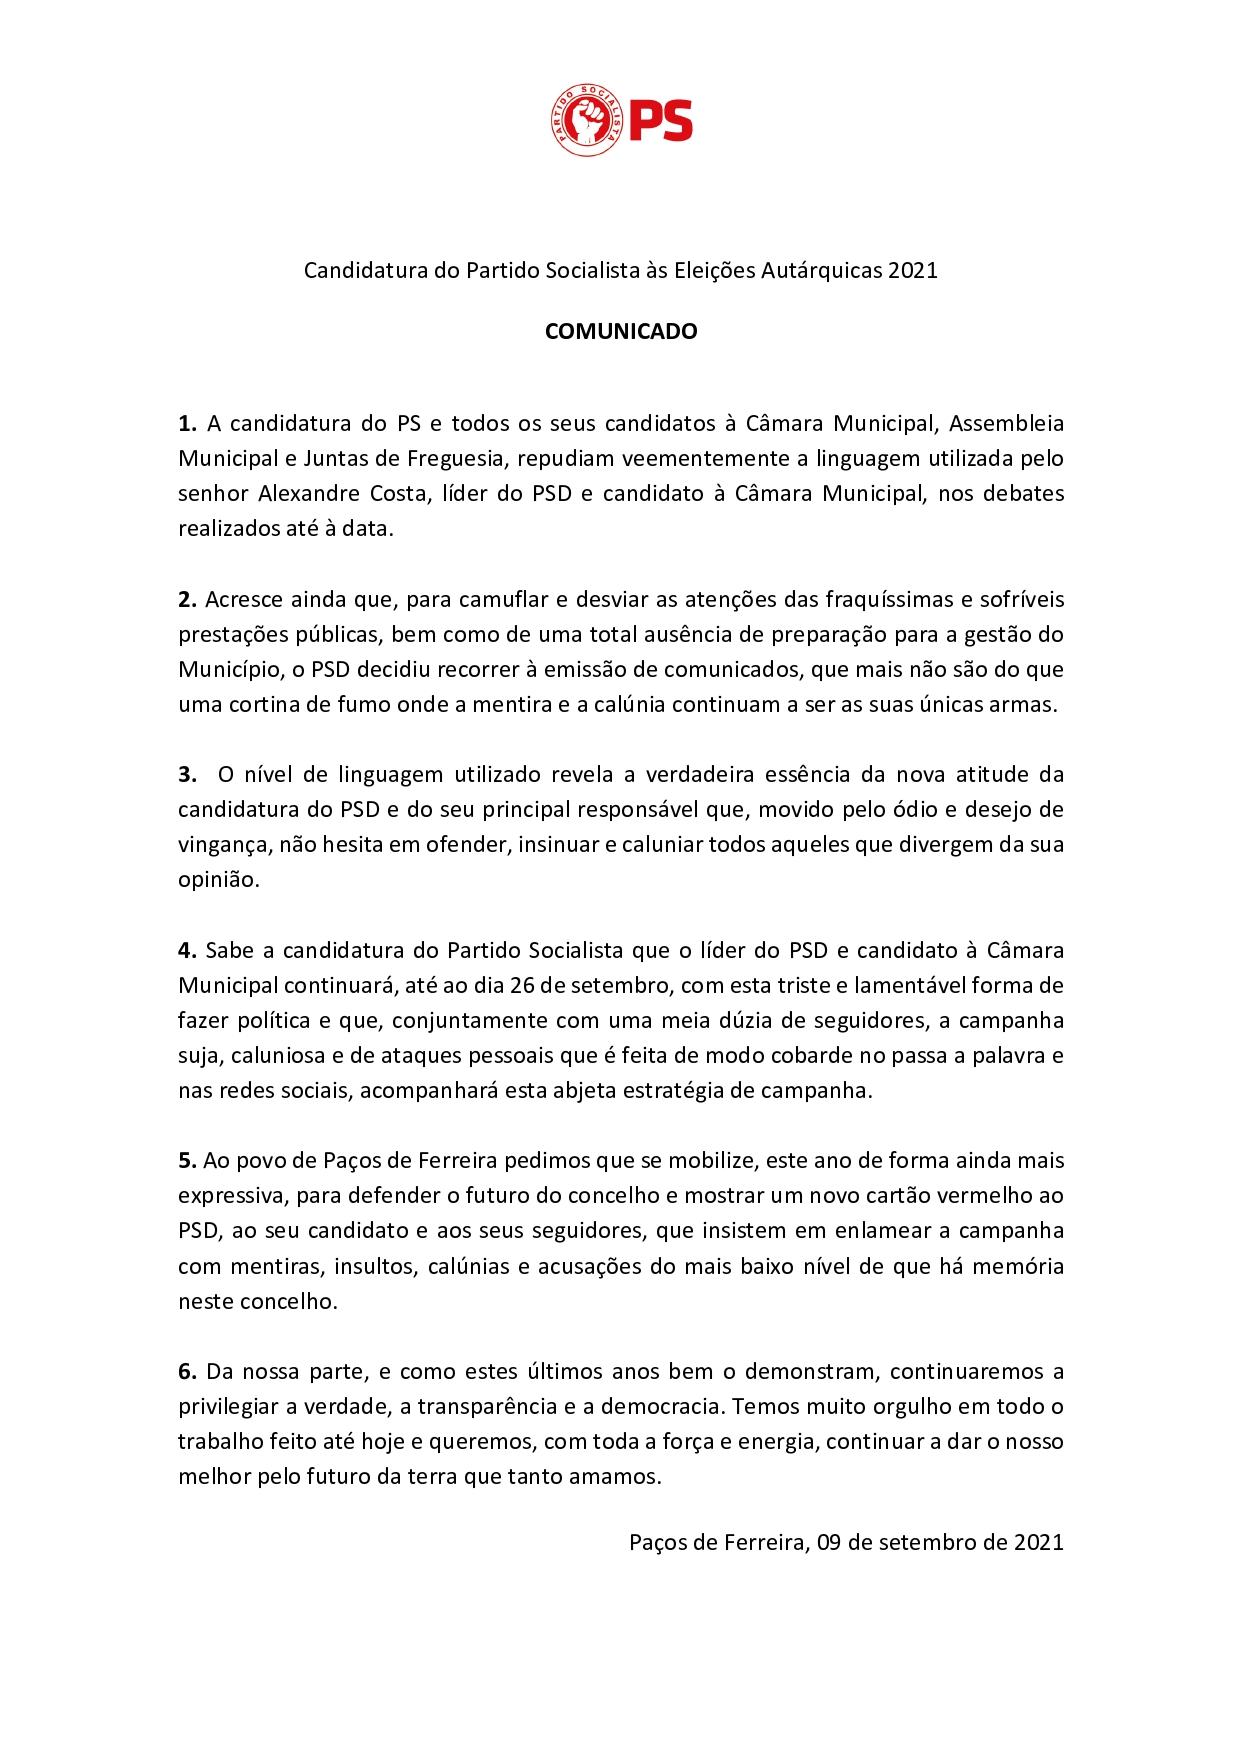 PS lança comunicado de repúdio à linguagem utilizada pelo candidato do PSD à Câmara nos debates realizados